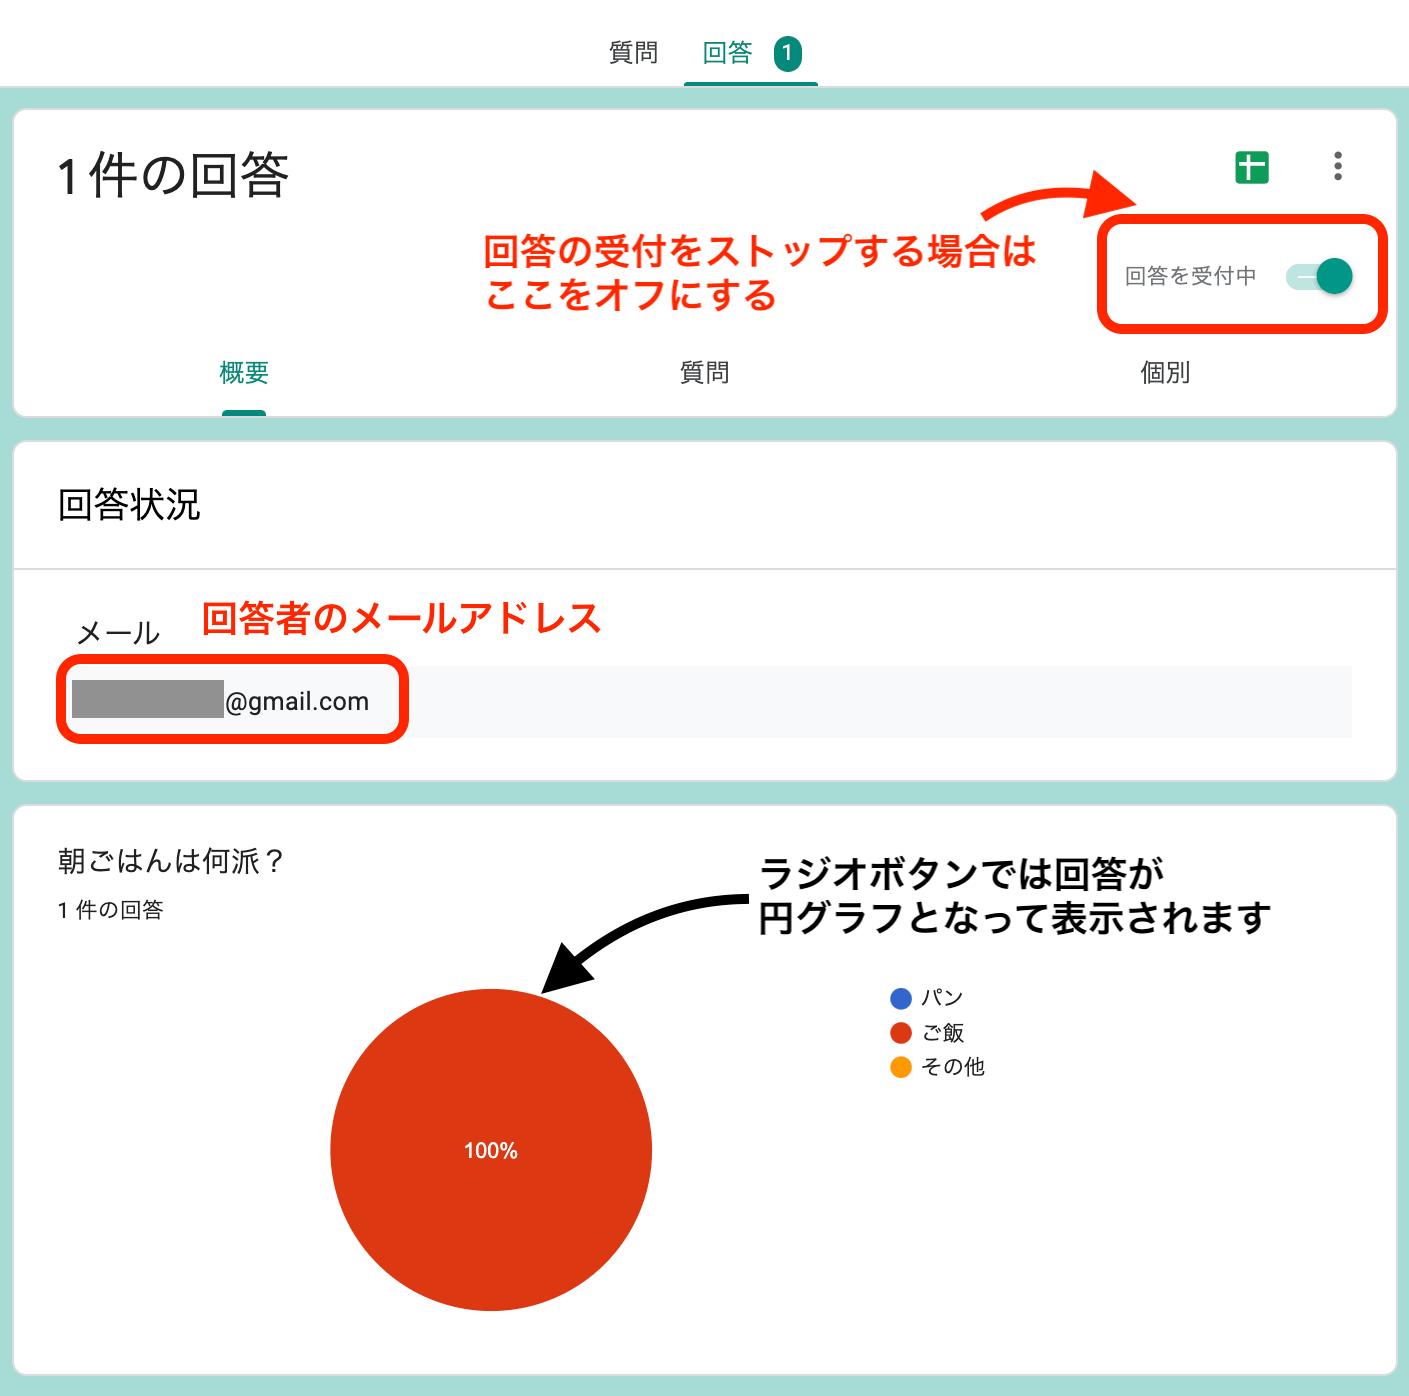 ラジオボタンは円グラフで表示